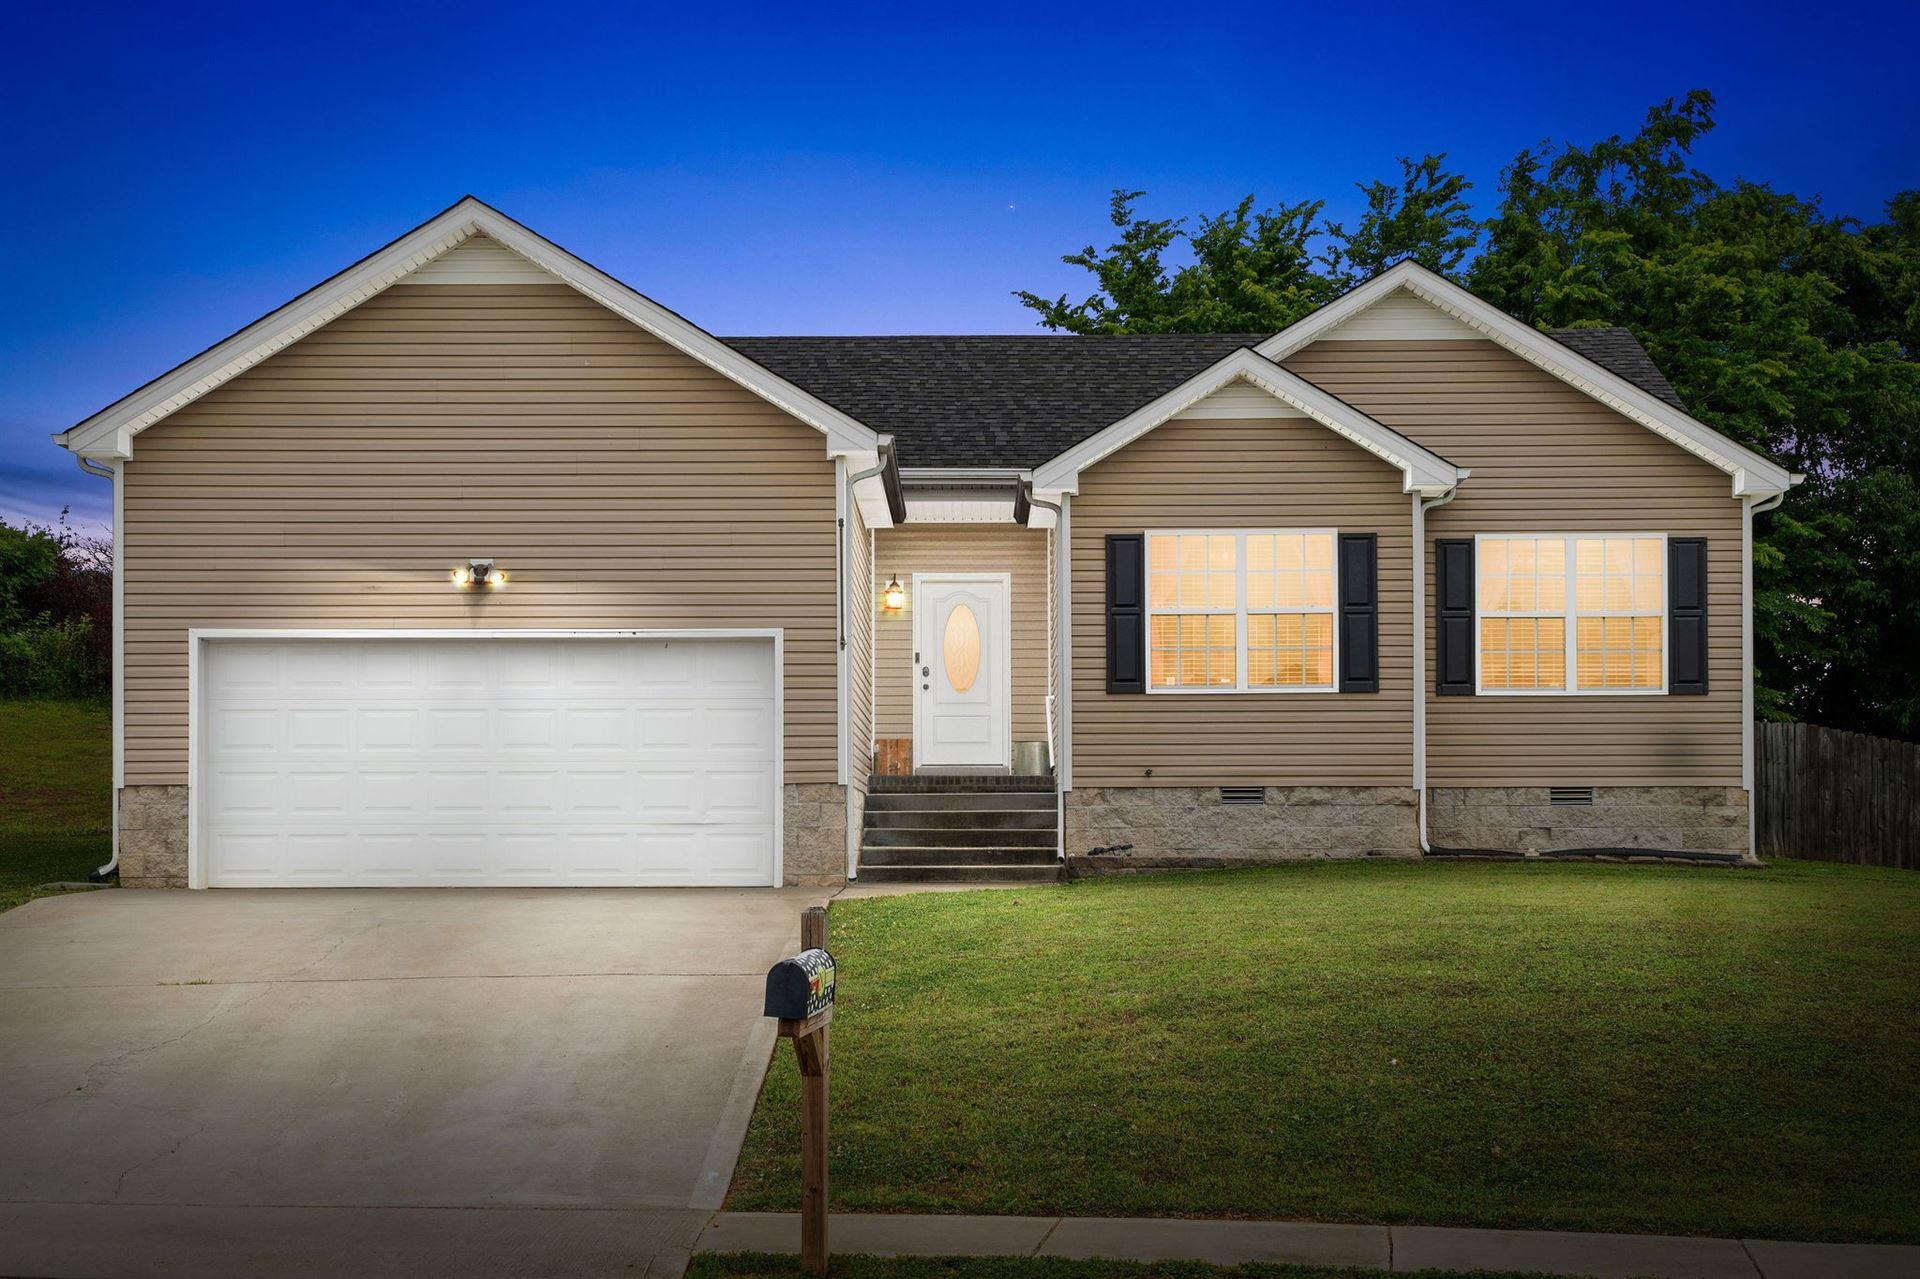 1382 Whitt Ln, Clarksville, TN 37042 - MLS#: 2261955